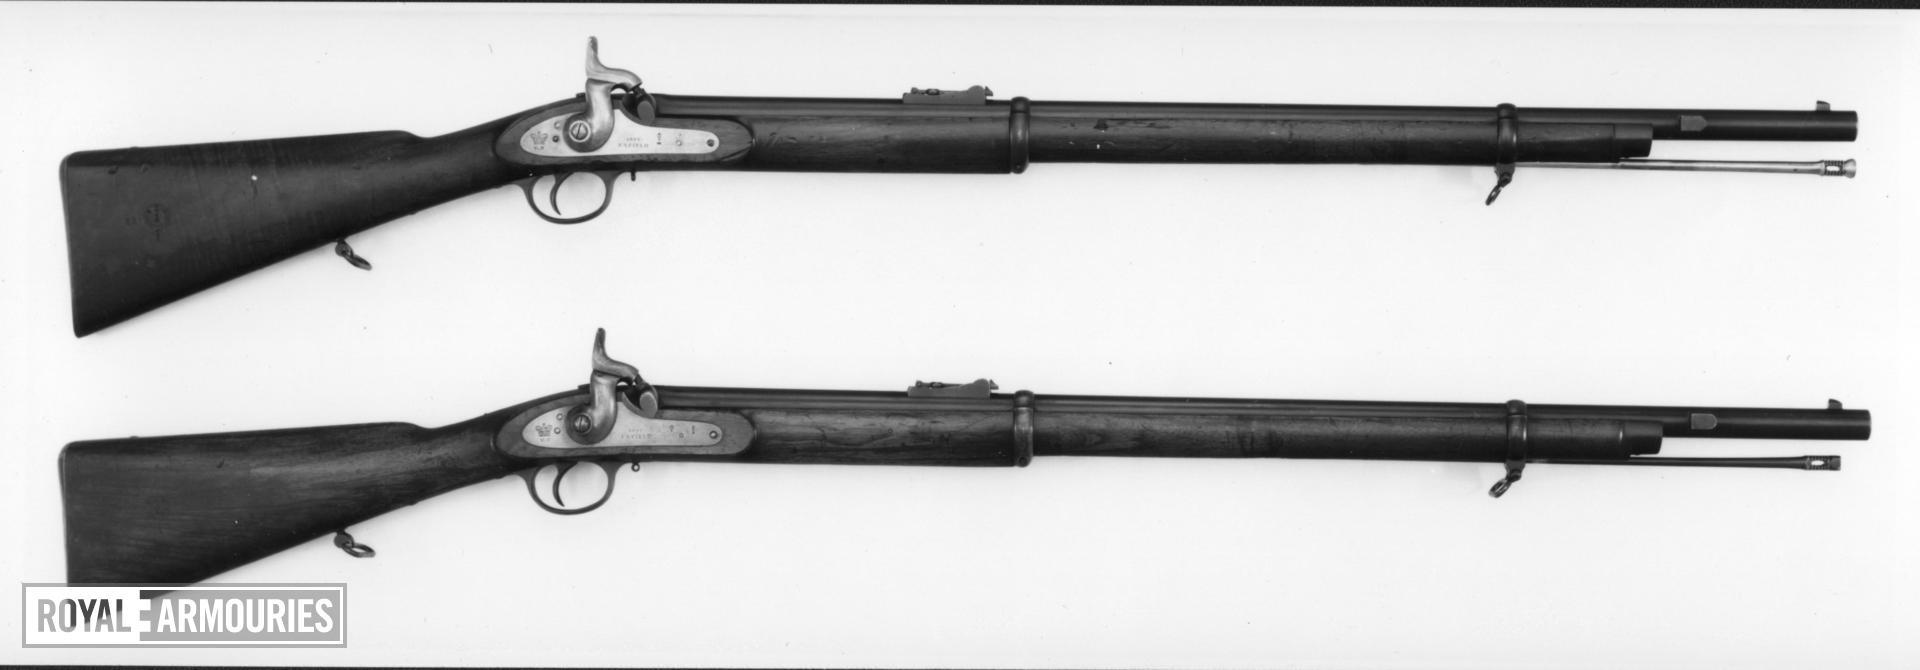 Percussion muzzle-loading rifle - Pattern 1861